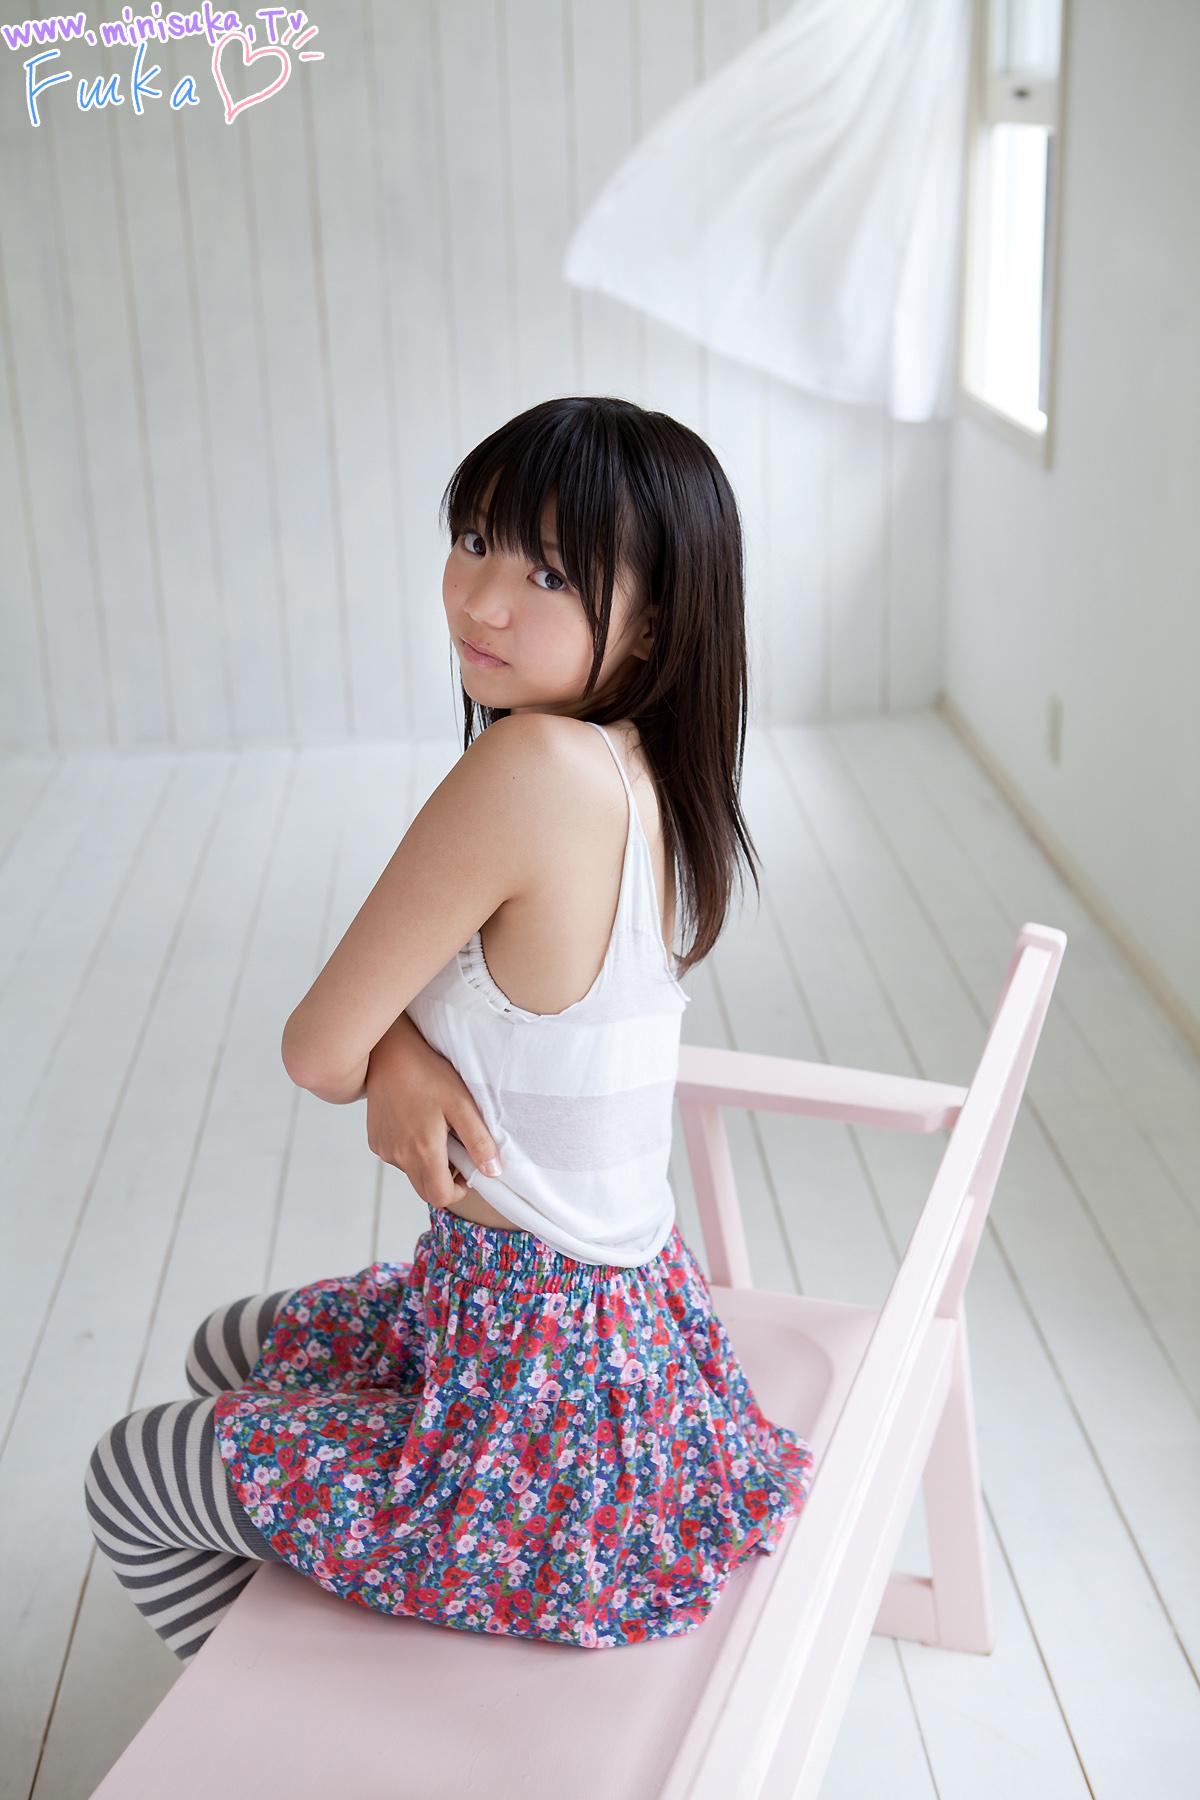 Fuuka Nishihama 西浜ふうか | U15 Kawaii Cameltoe Doggy Style Collection-Japanese  Girls Photo Gallery